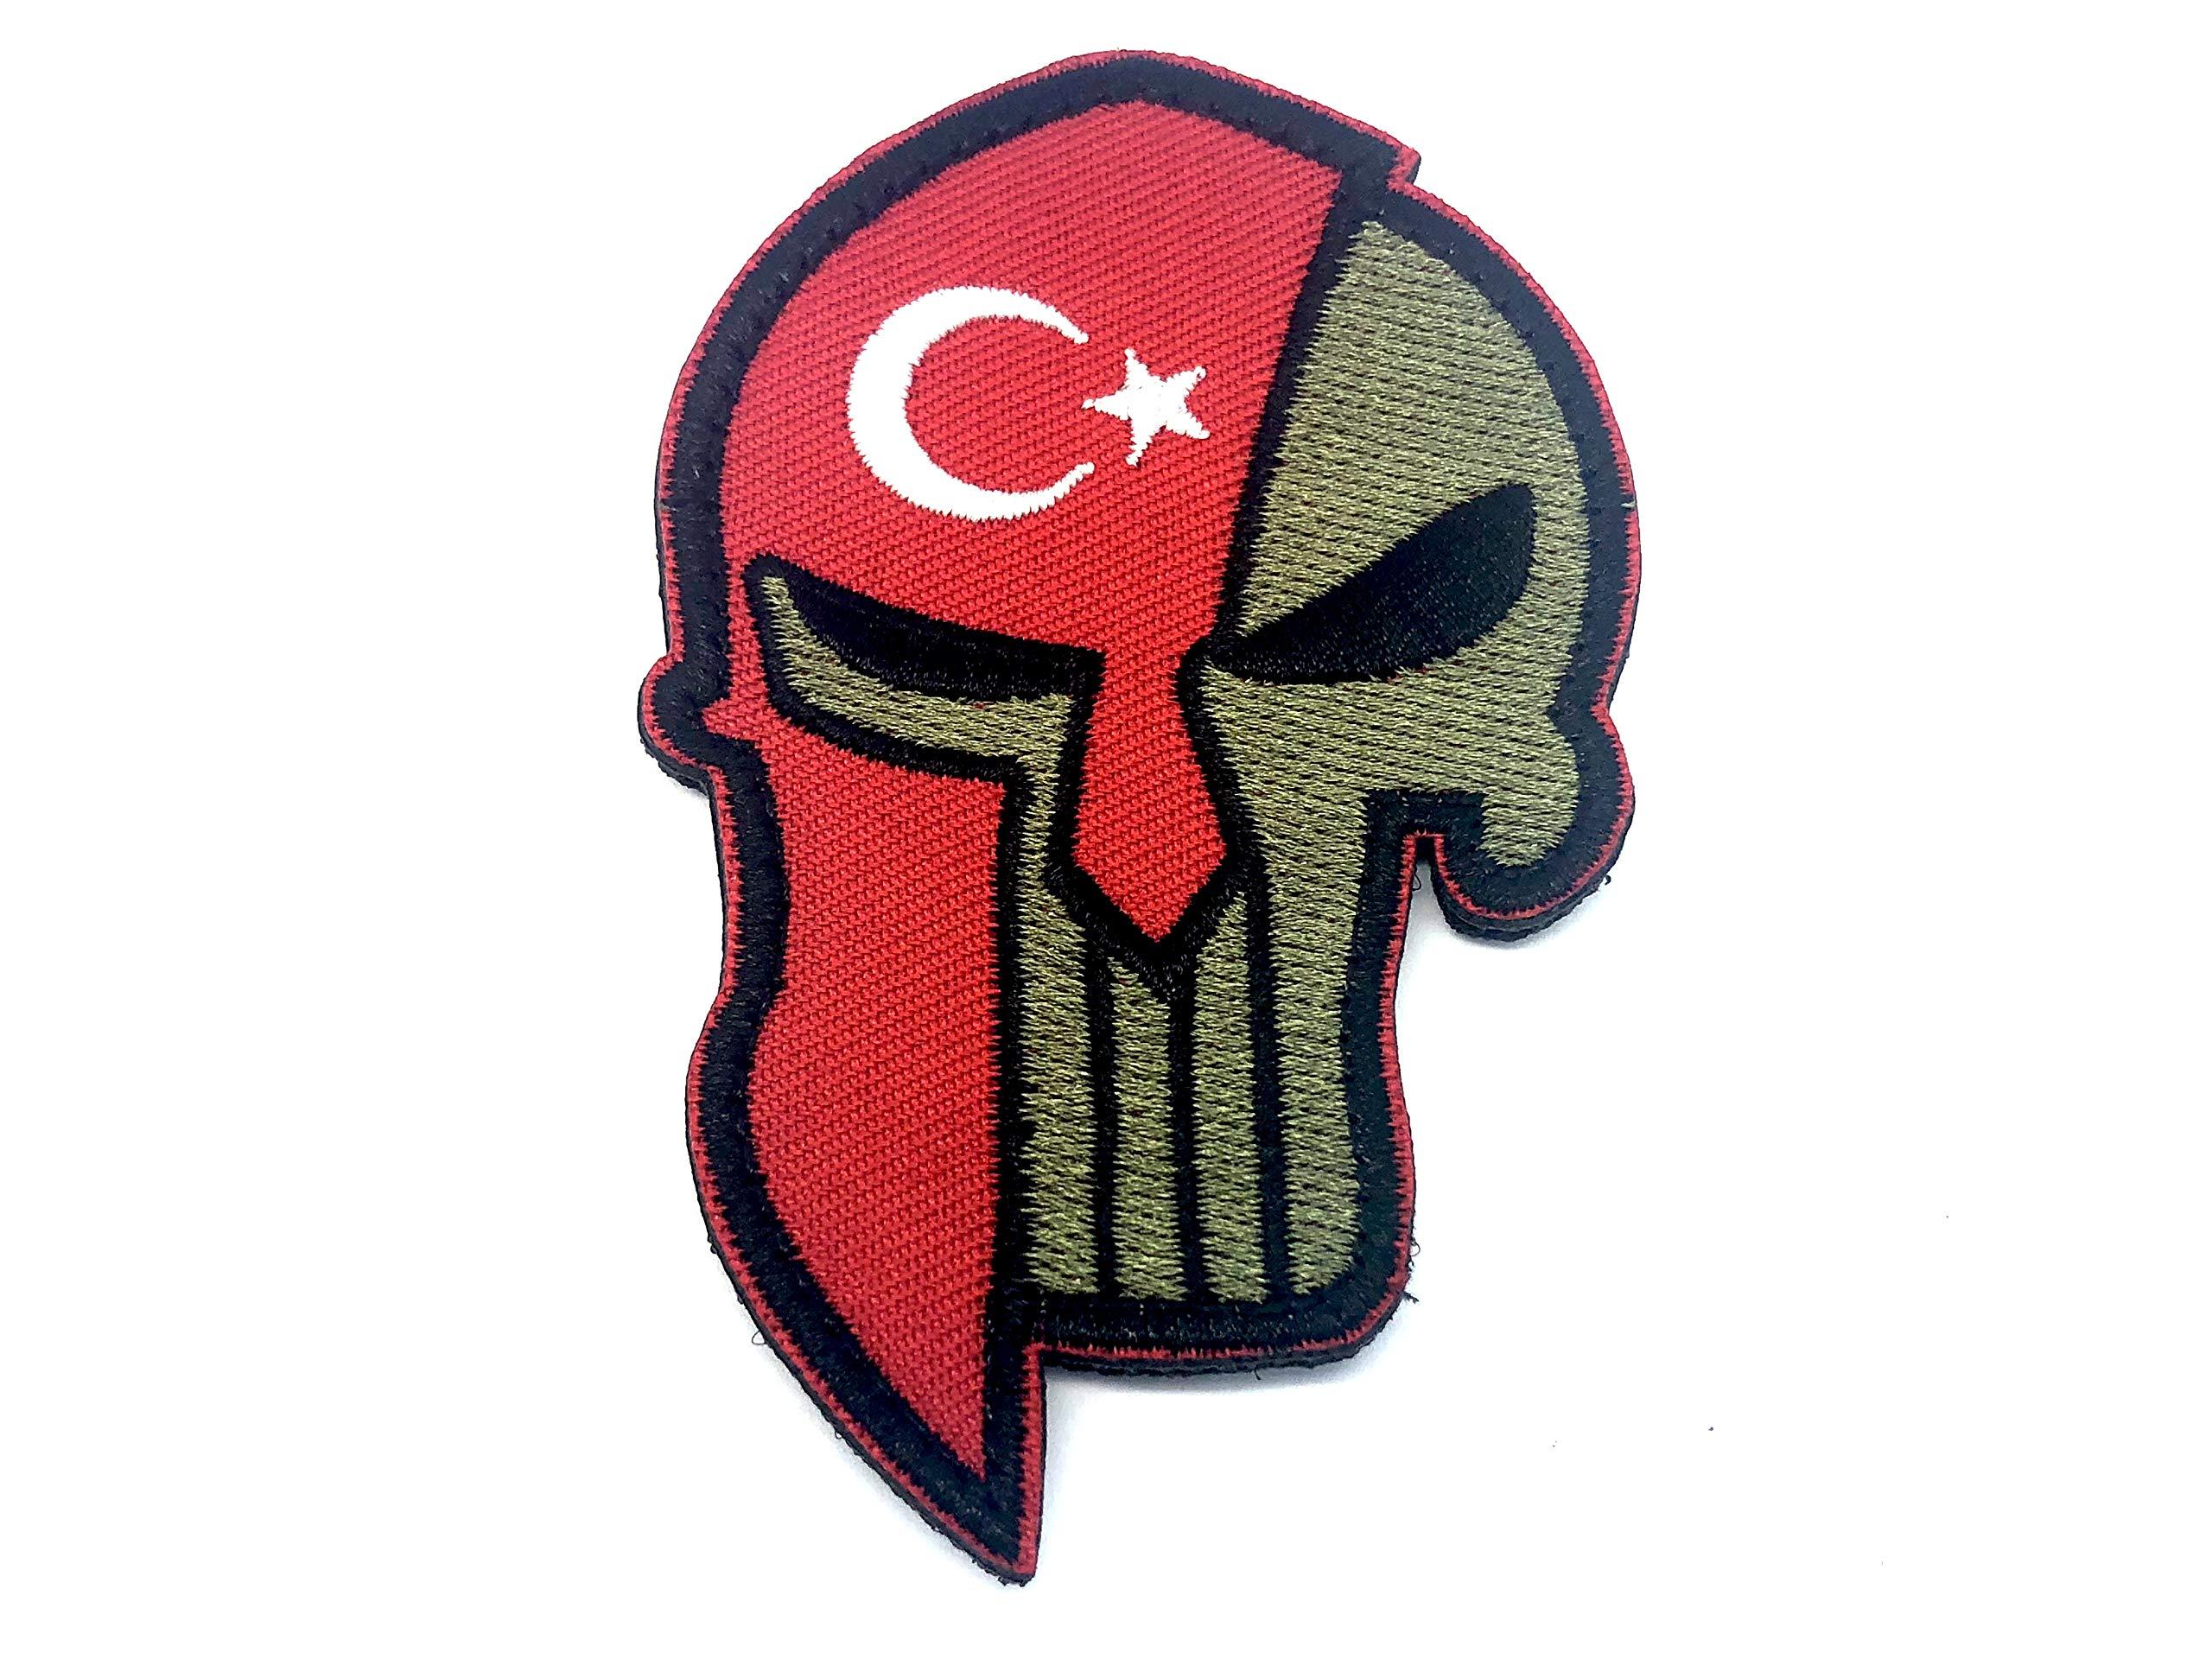 Patch Nation Türkische Zenturio-Flagge der Türkei Gestickte Airsoft Klettverschluss-Flecken